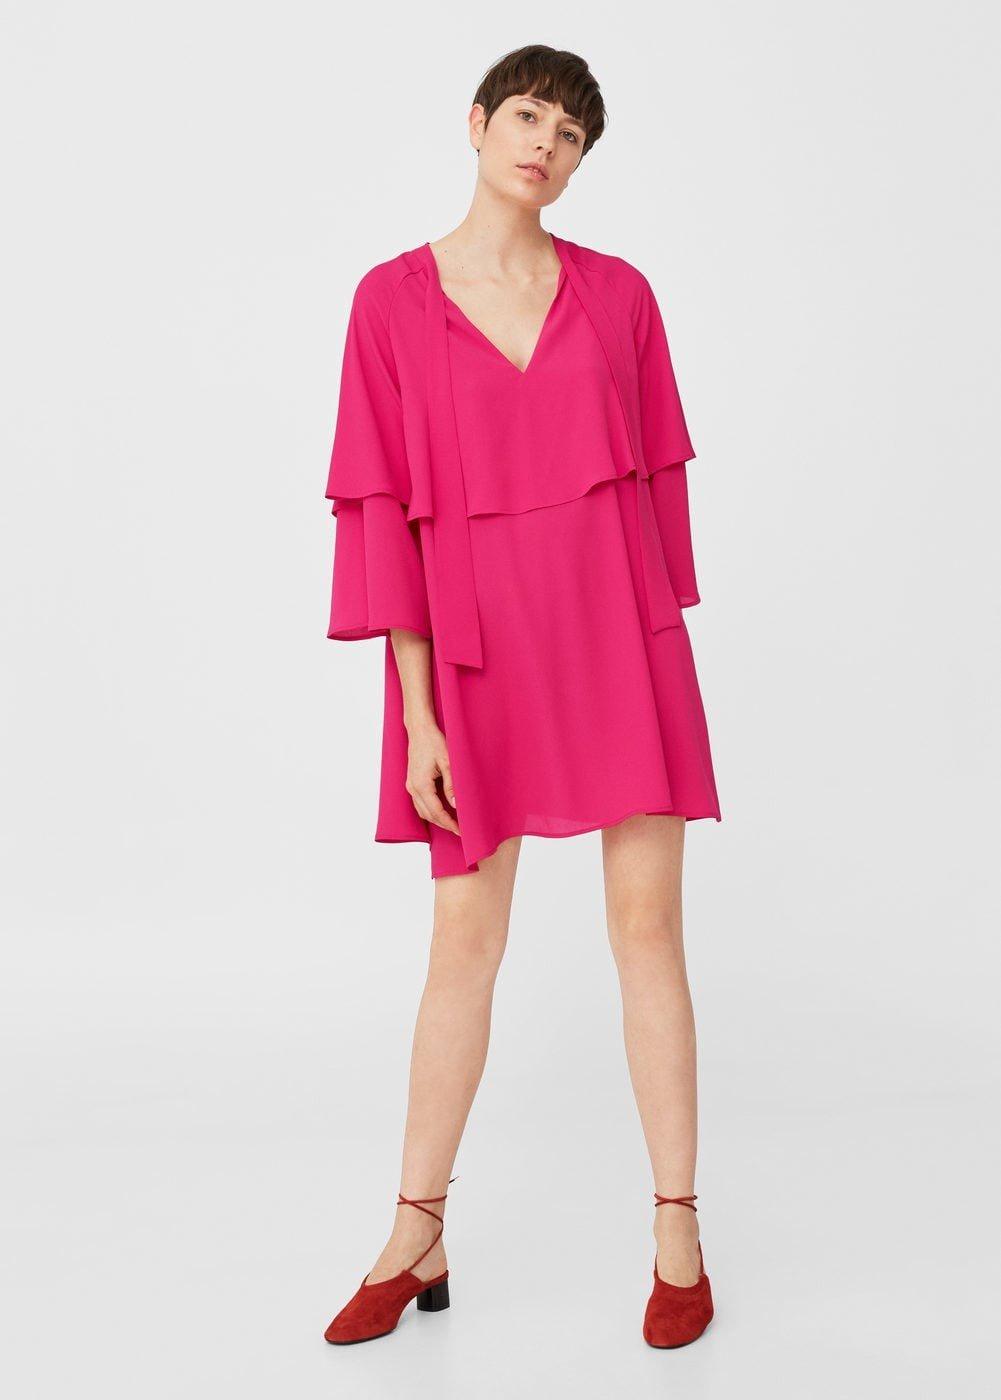 a103d14d628 Стильные платья 2019 2020 года  модные тенденции